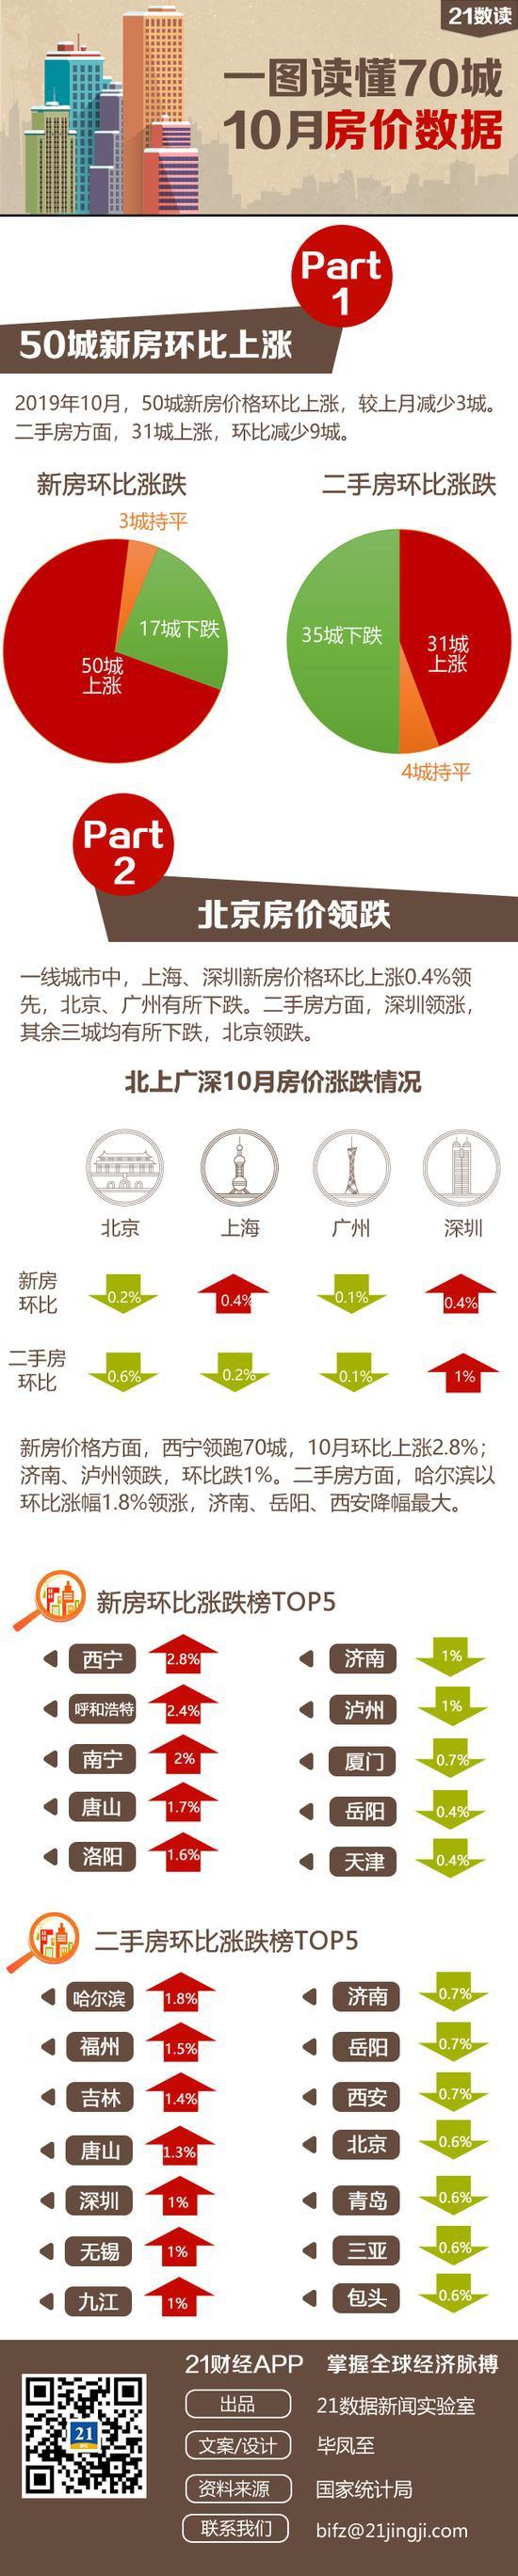 风沙游戏 - 300余名企业家齐聚北京经开区:企业的成长离不开中国的强大